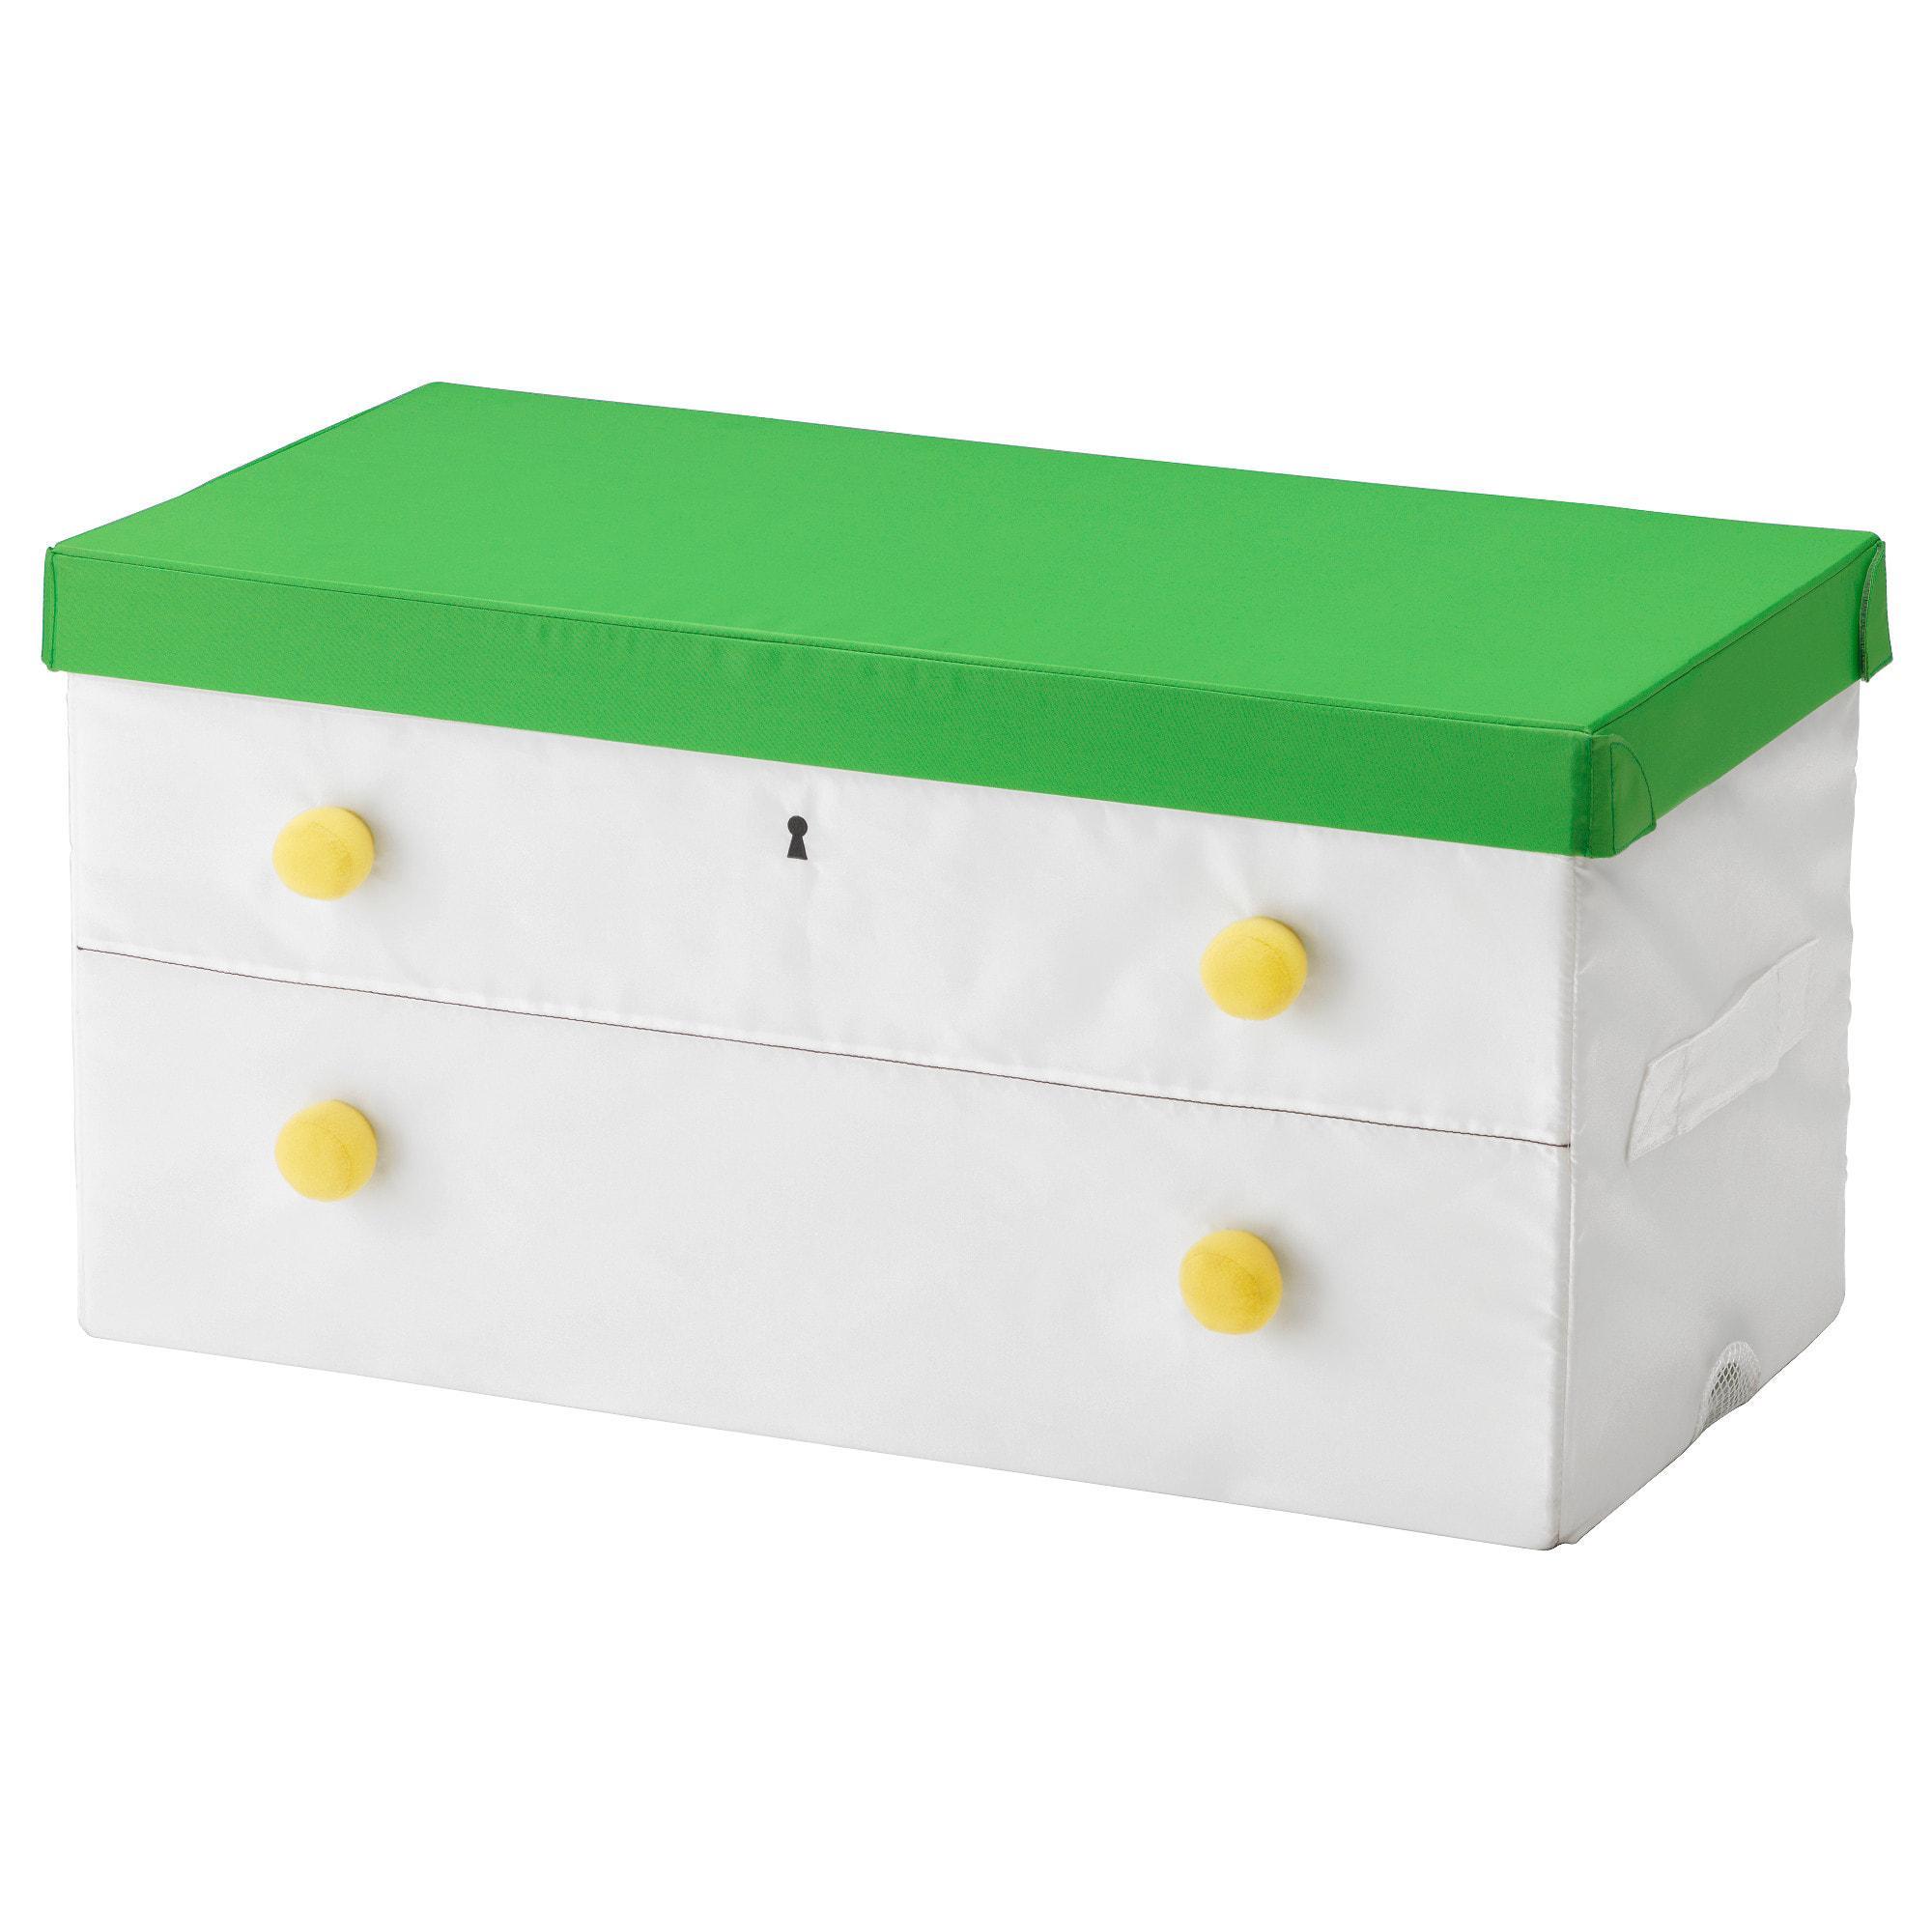 IKEA FLYTTBAR Kotak dengan penutup, hijau, putih MURAH / BUBBLE 3